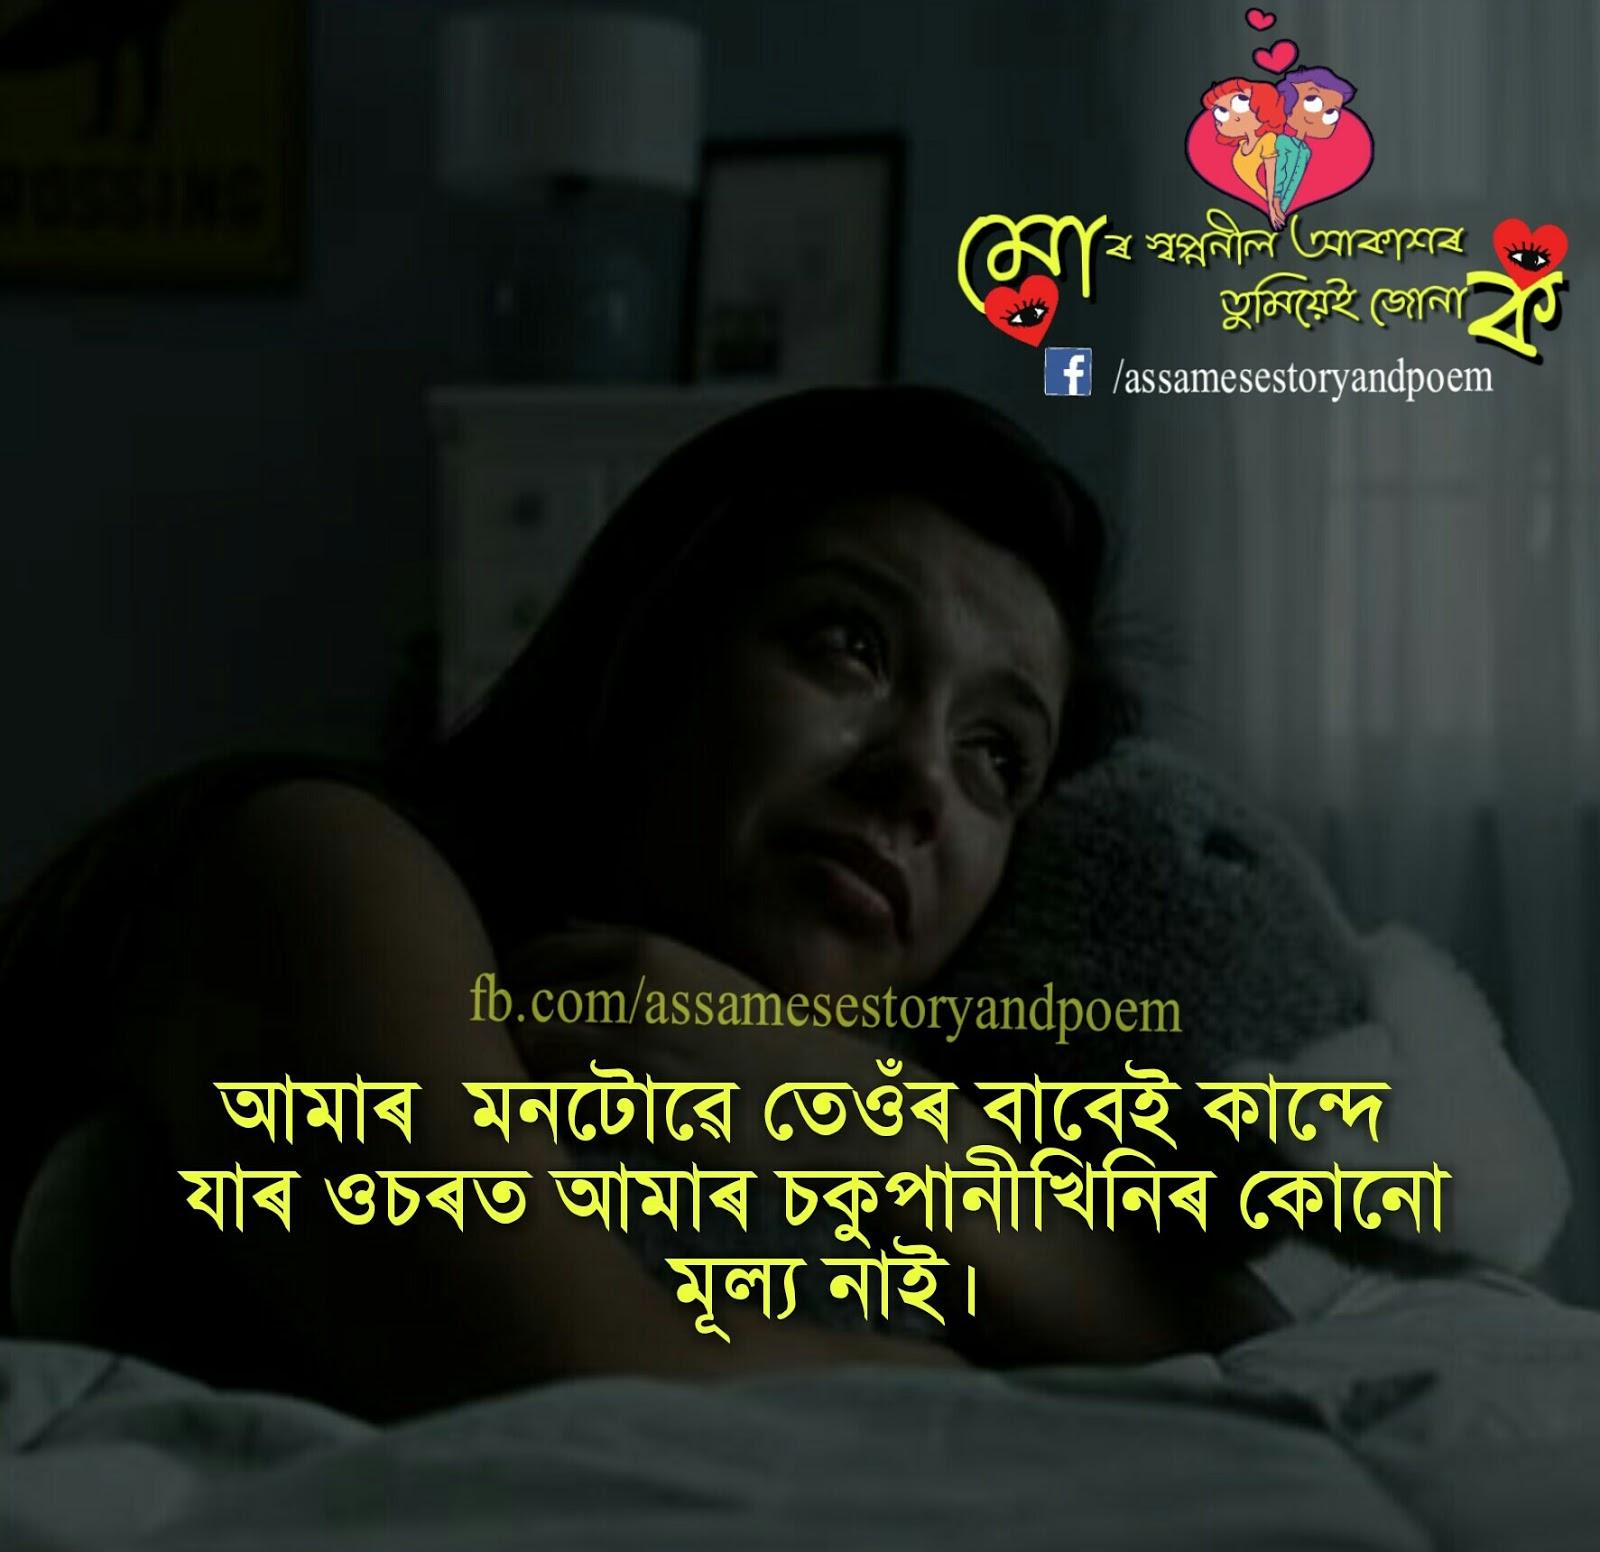 Assamese Shayari assamese jokes best assamese quote collection